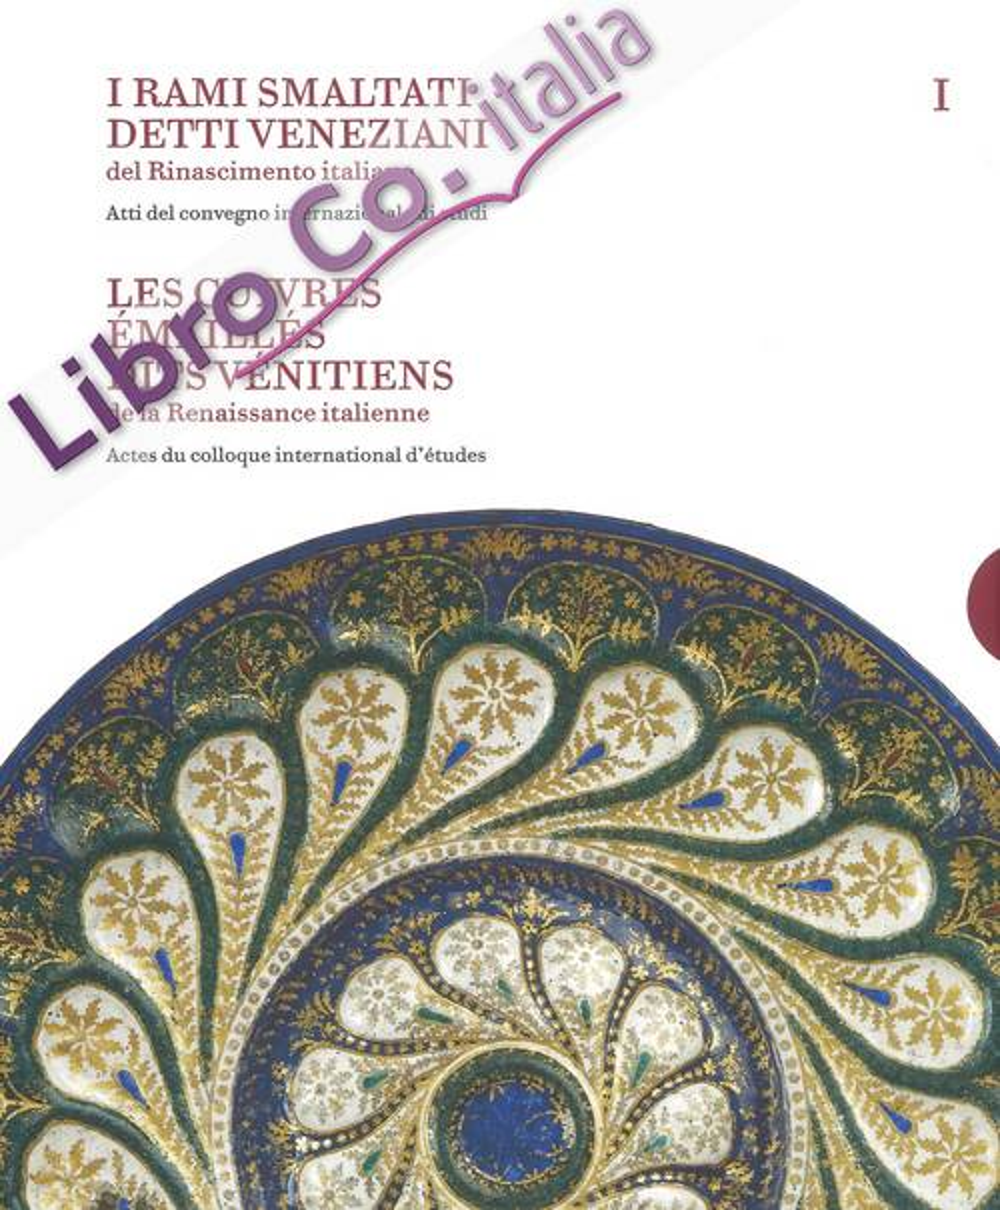 I Rami smaltati detti Veneziani del Rinascimento italiano. Les Cuivres émaillés dits Vénitiens de la Renaissance italienne.